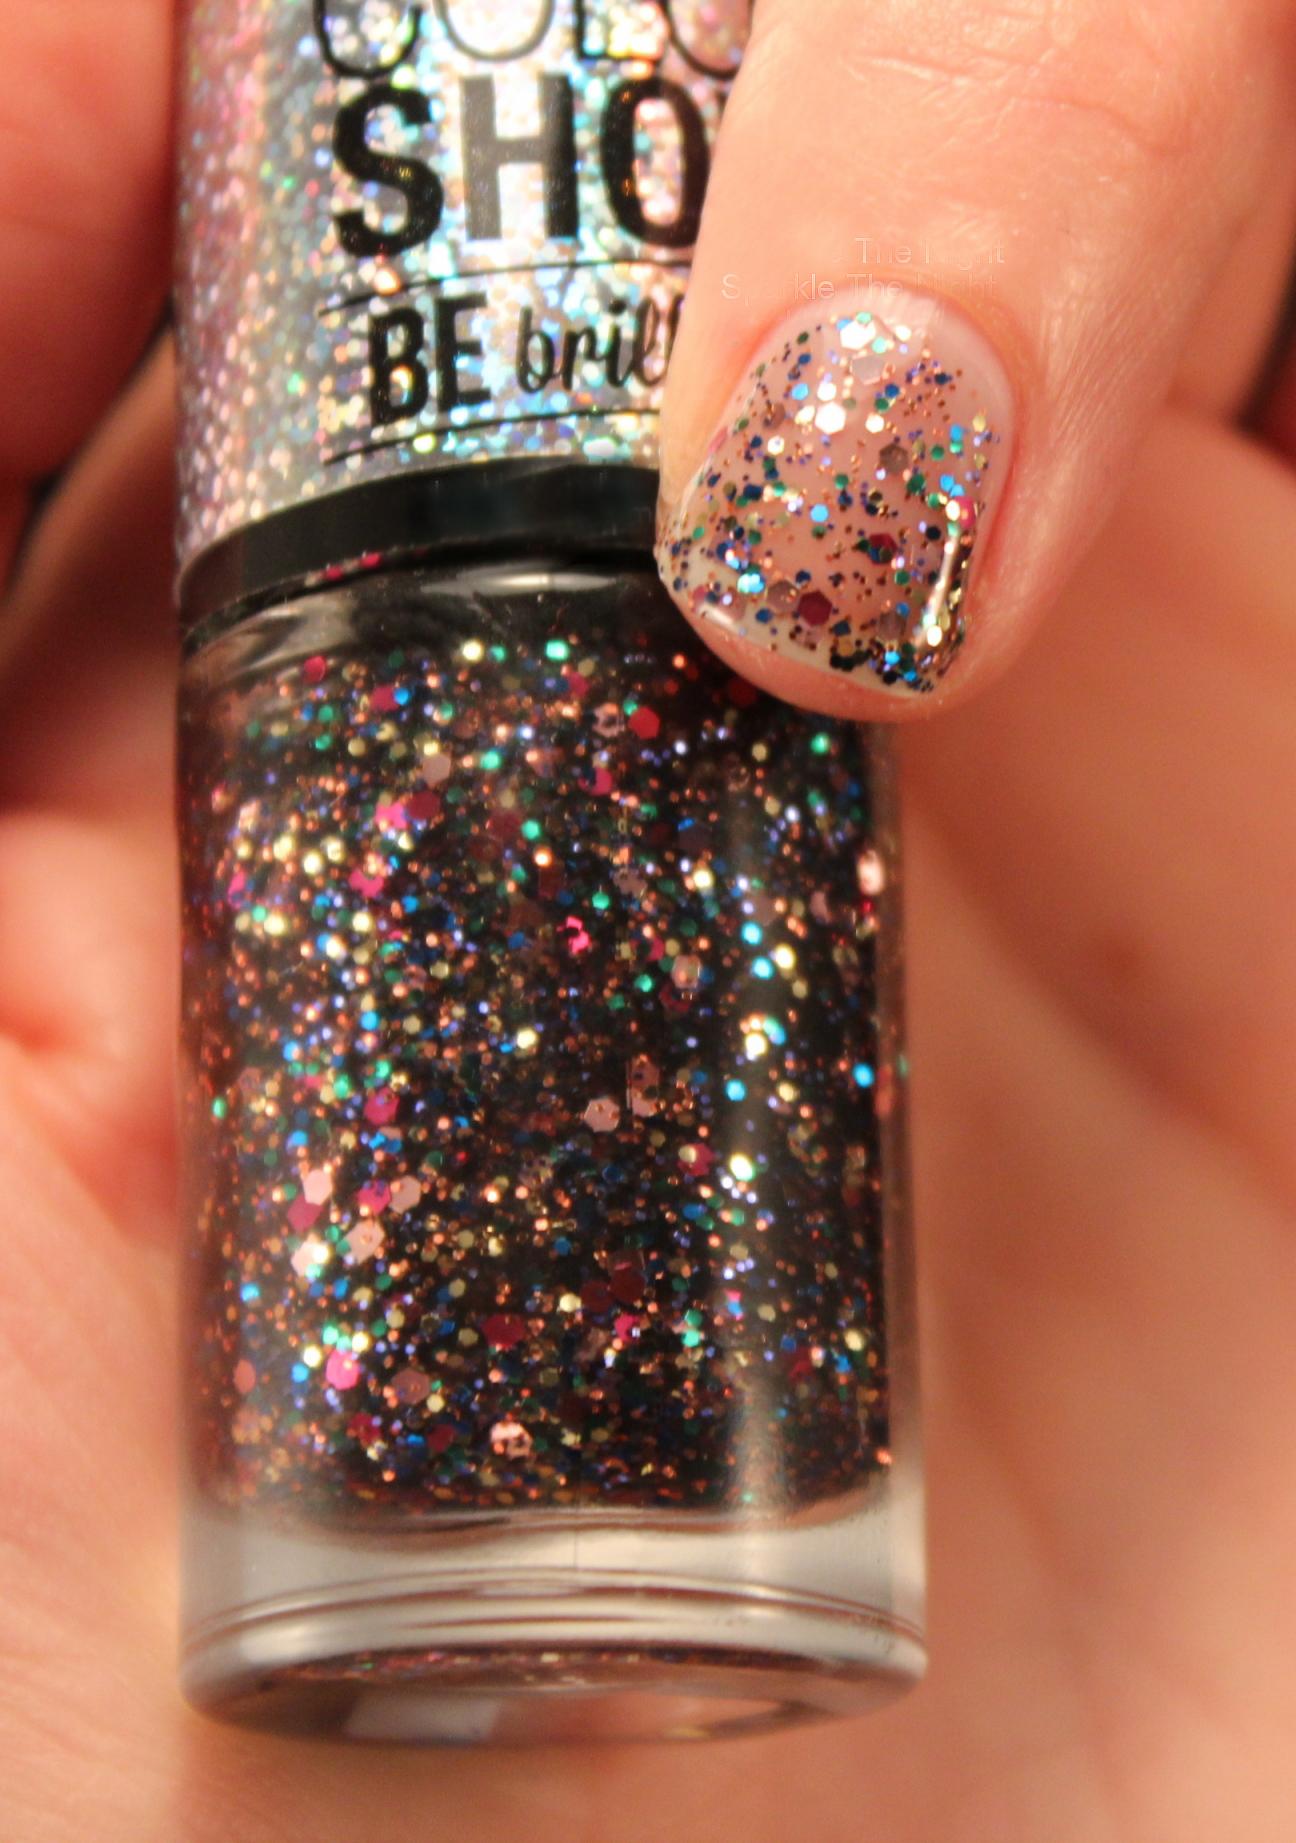 Отзыв о лаке для ногтей MAYBELLINE COLORAMA «Be brilliant»